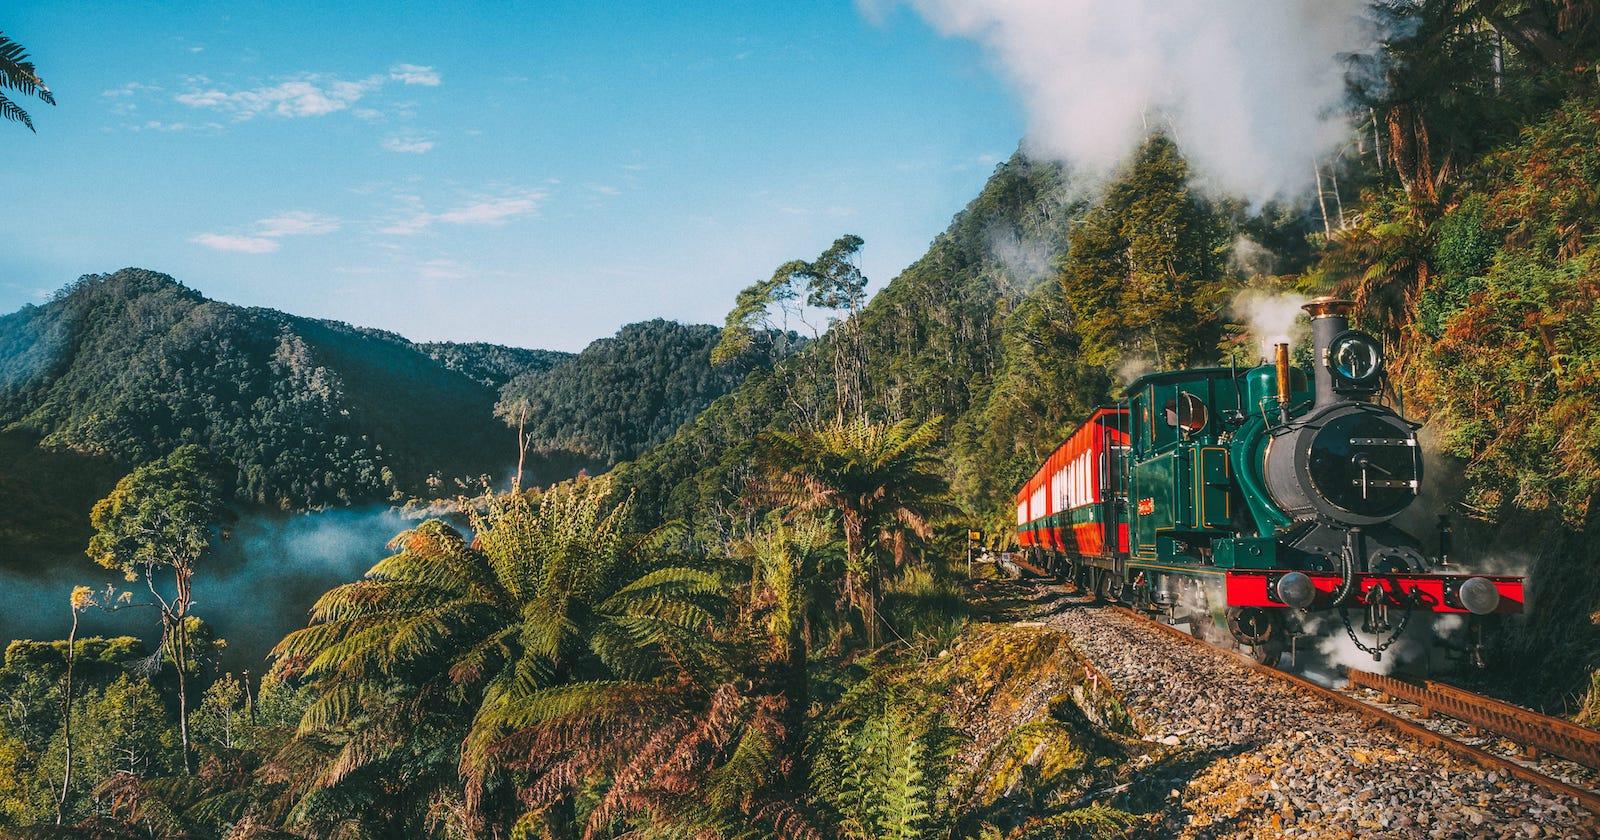 10 Amazing Places To Visit In Tasmania, Australia (2)